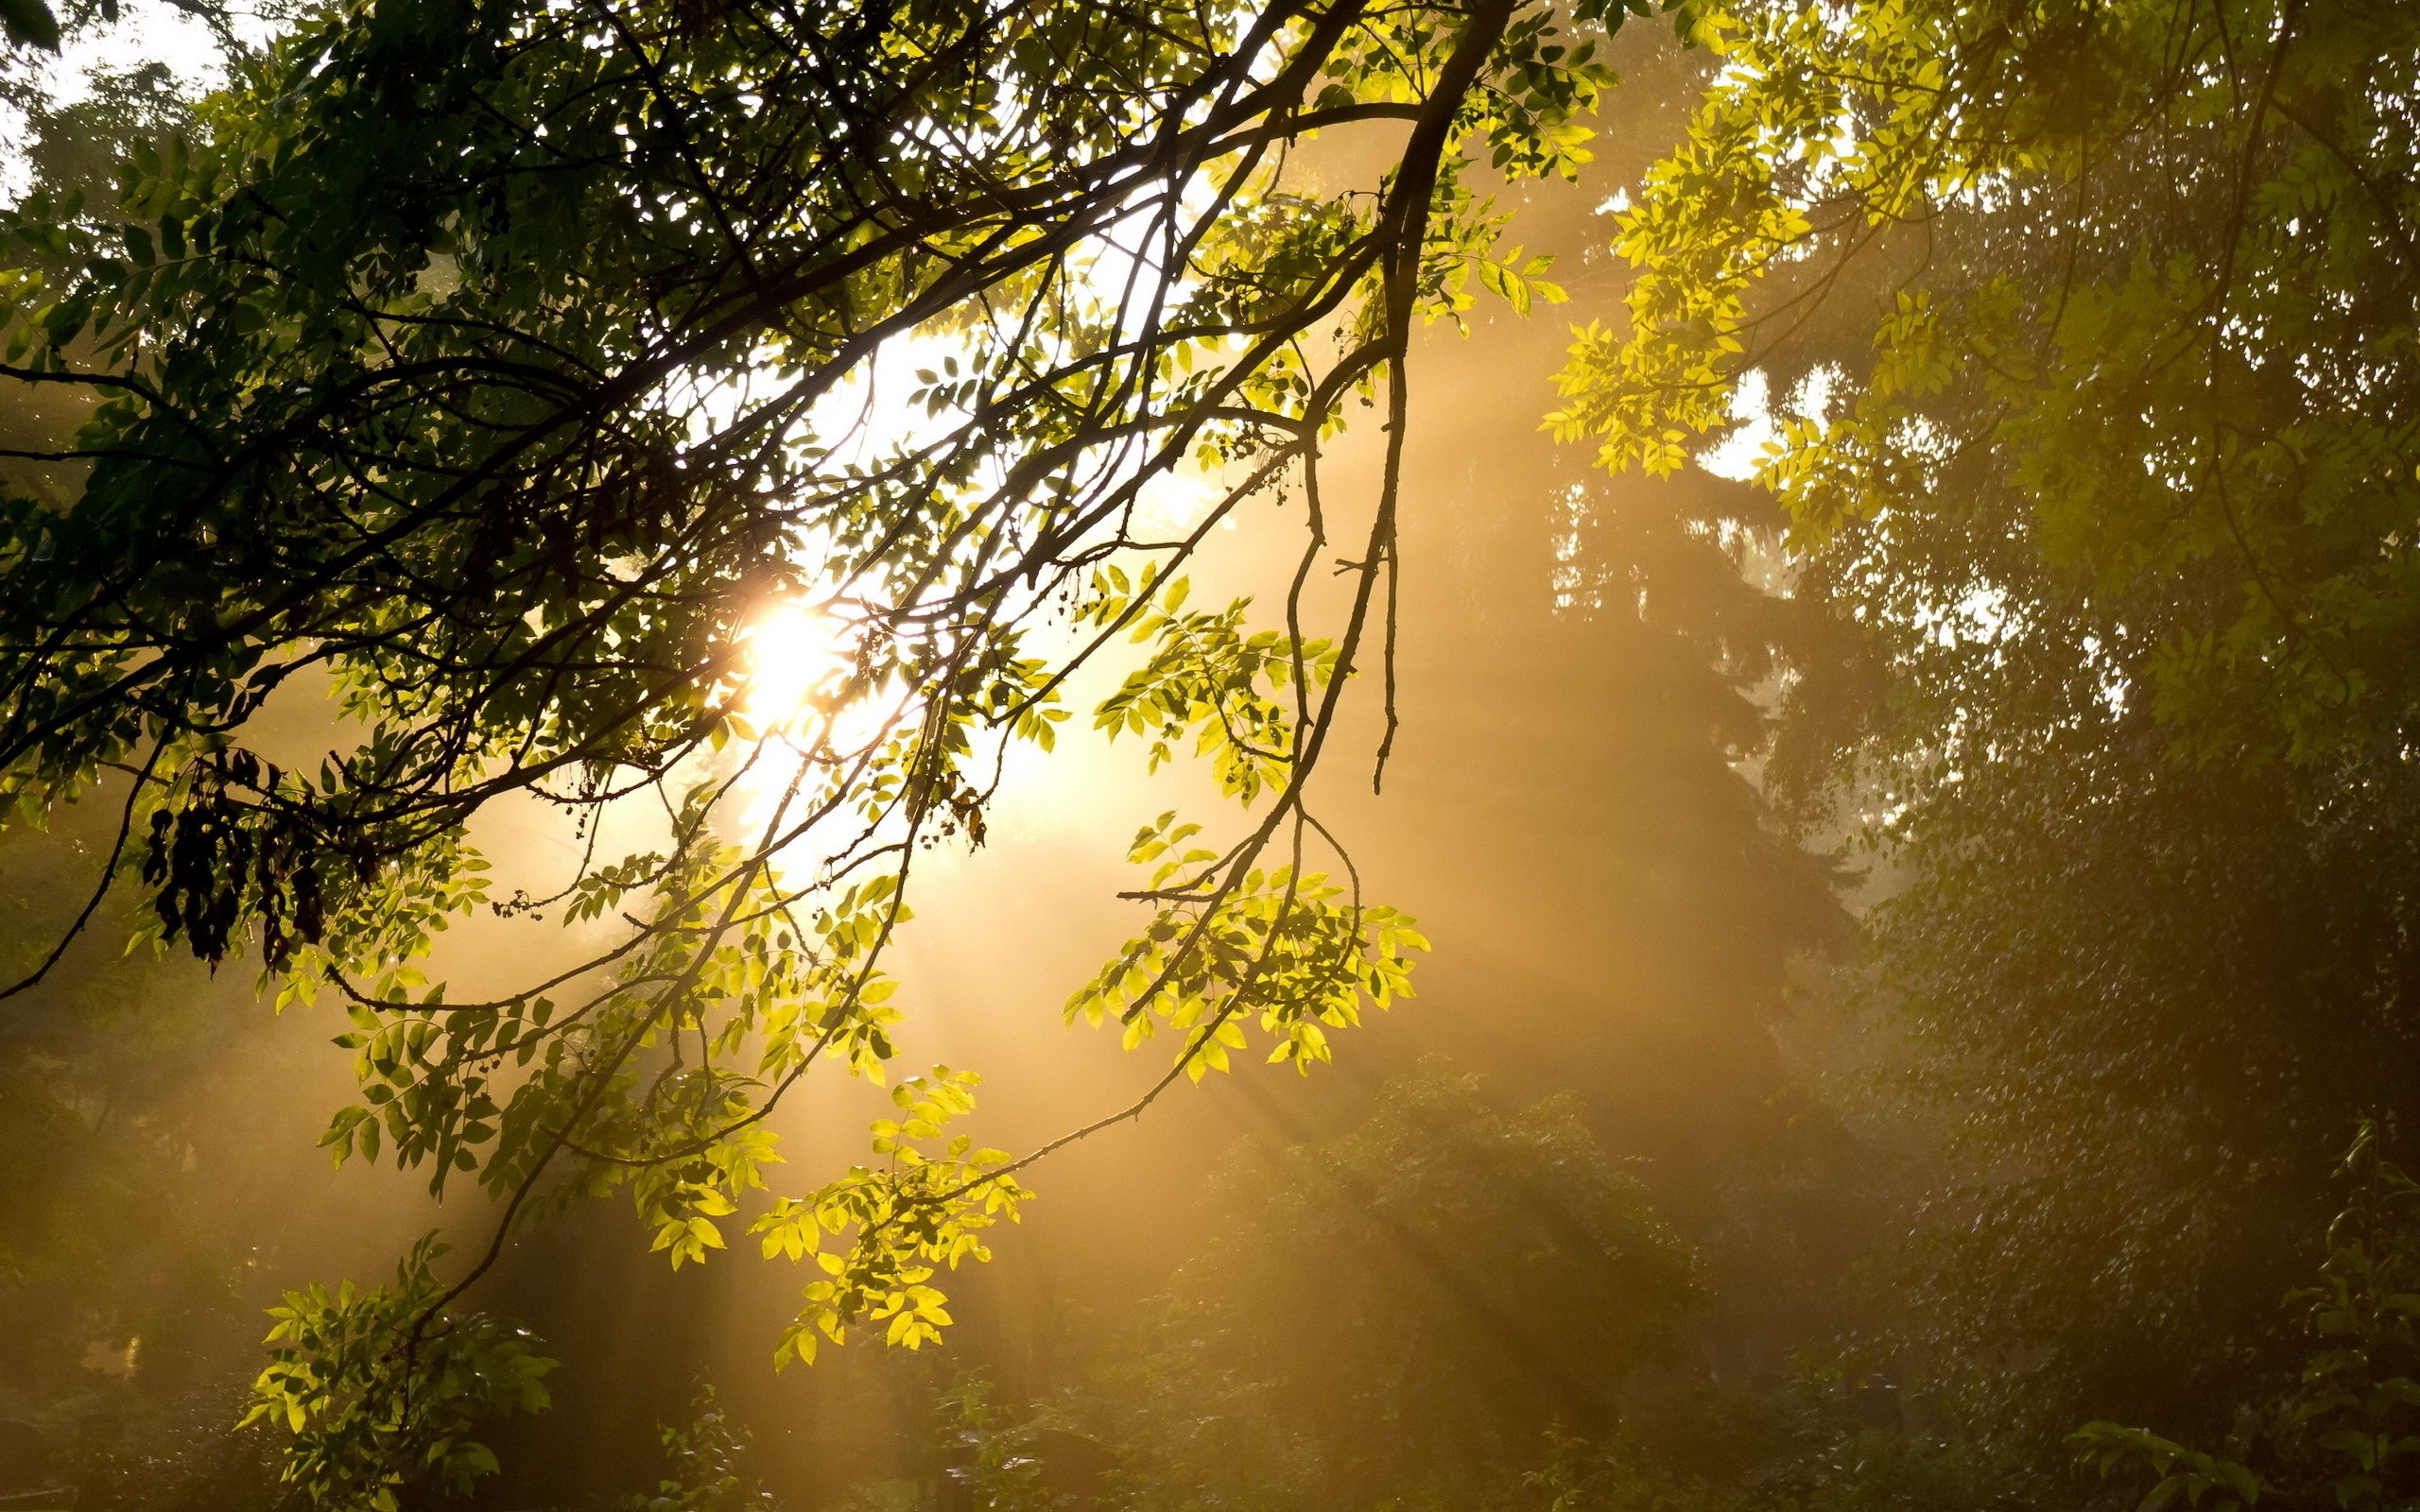 Лучи света сквозь листья  № 3096080 бесплатно